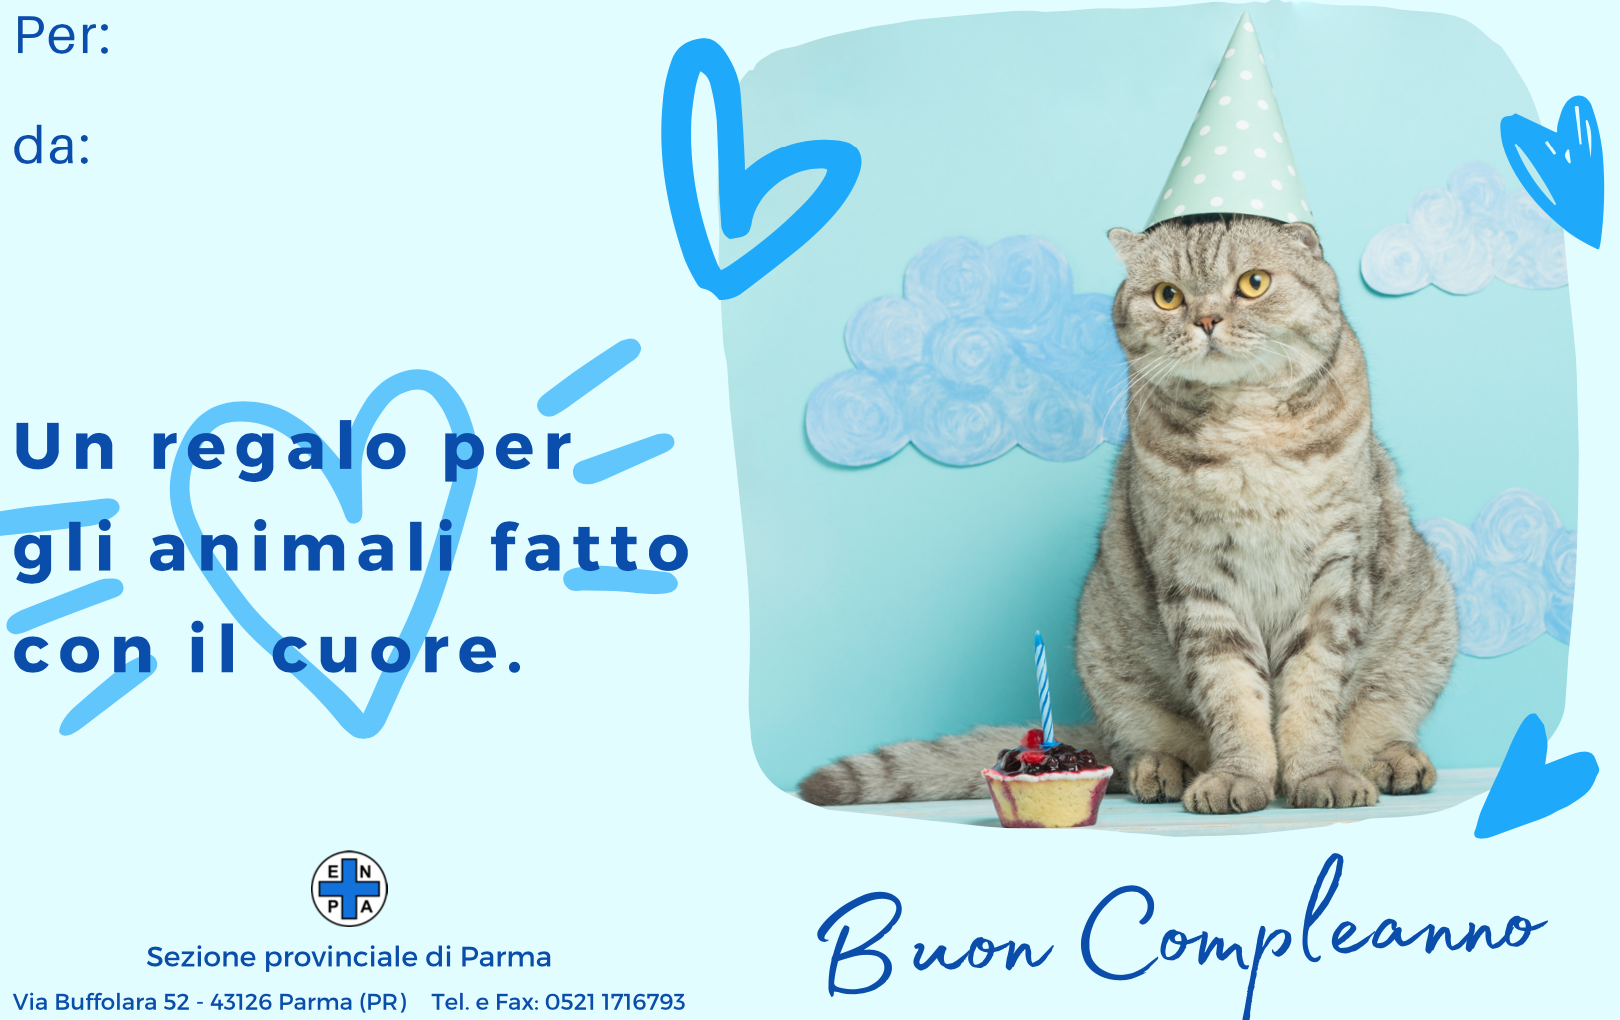 Bigliettini Compleanno ENPA (gatto - 5€)